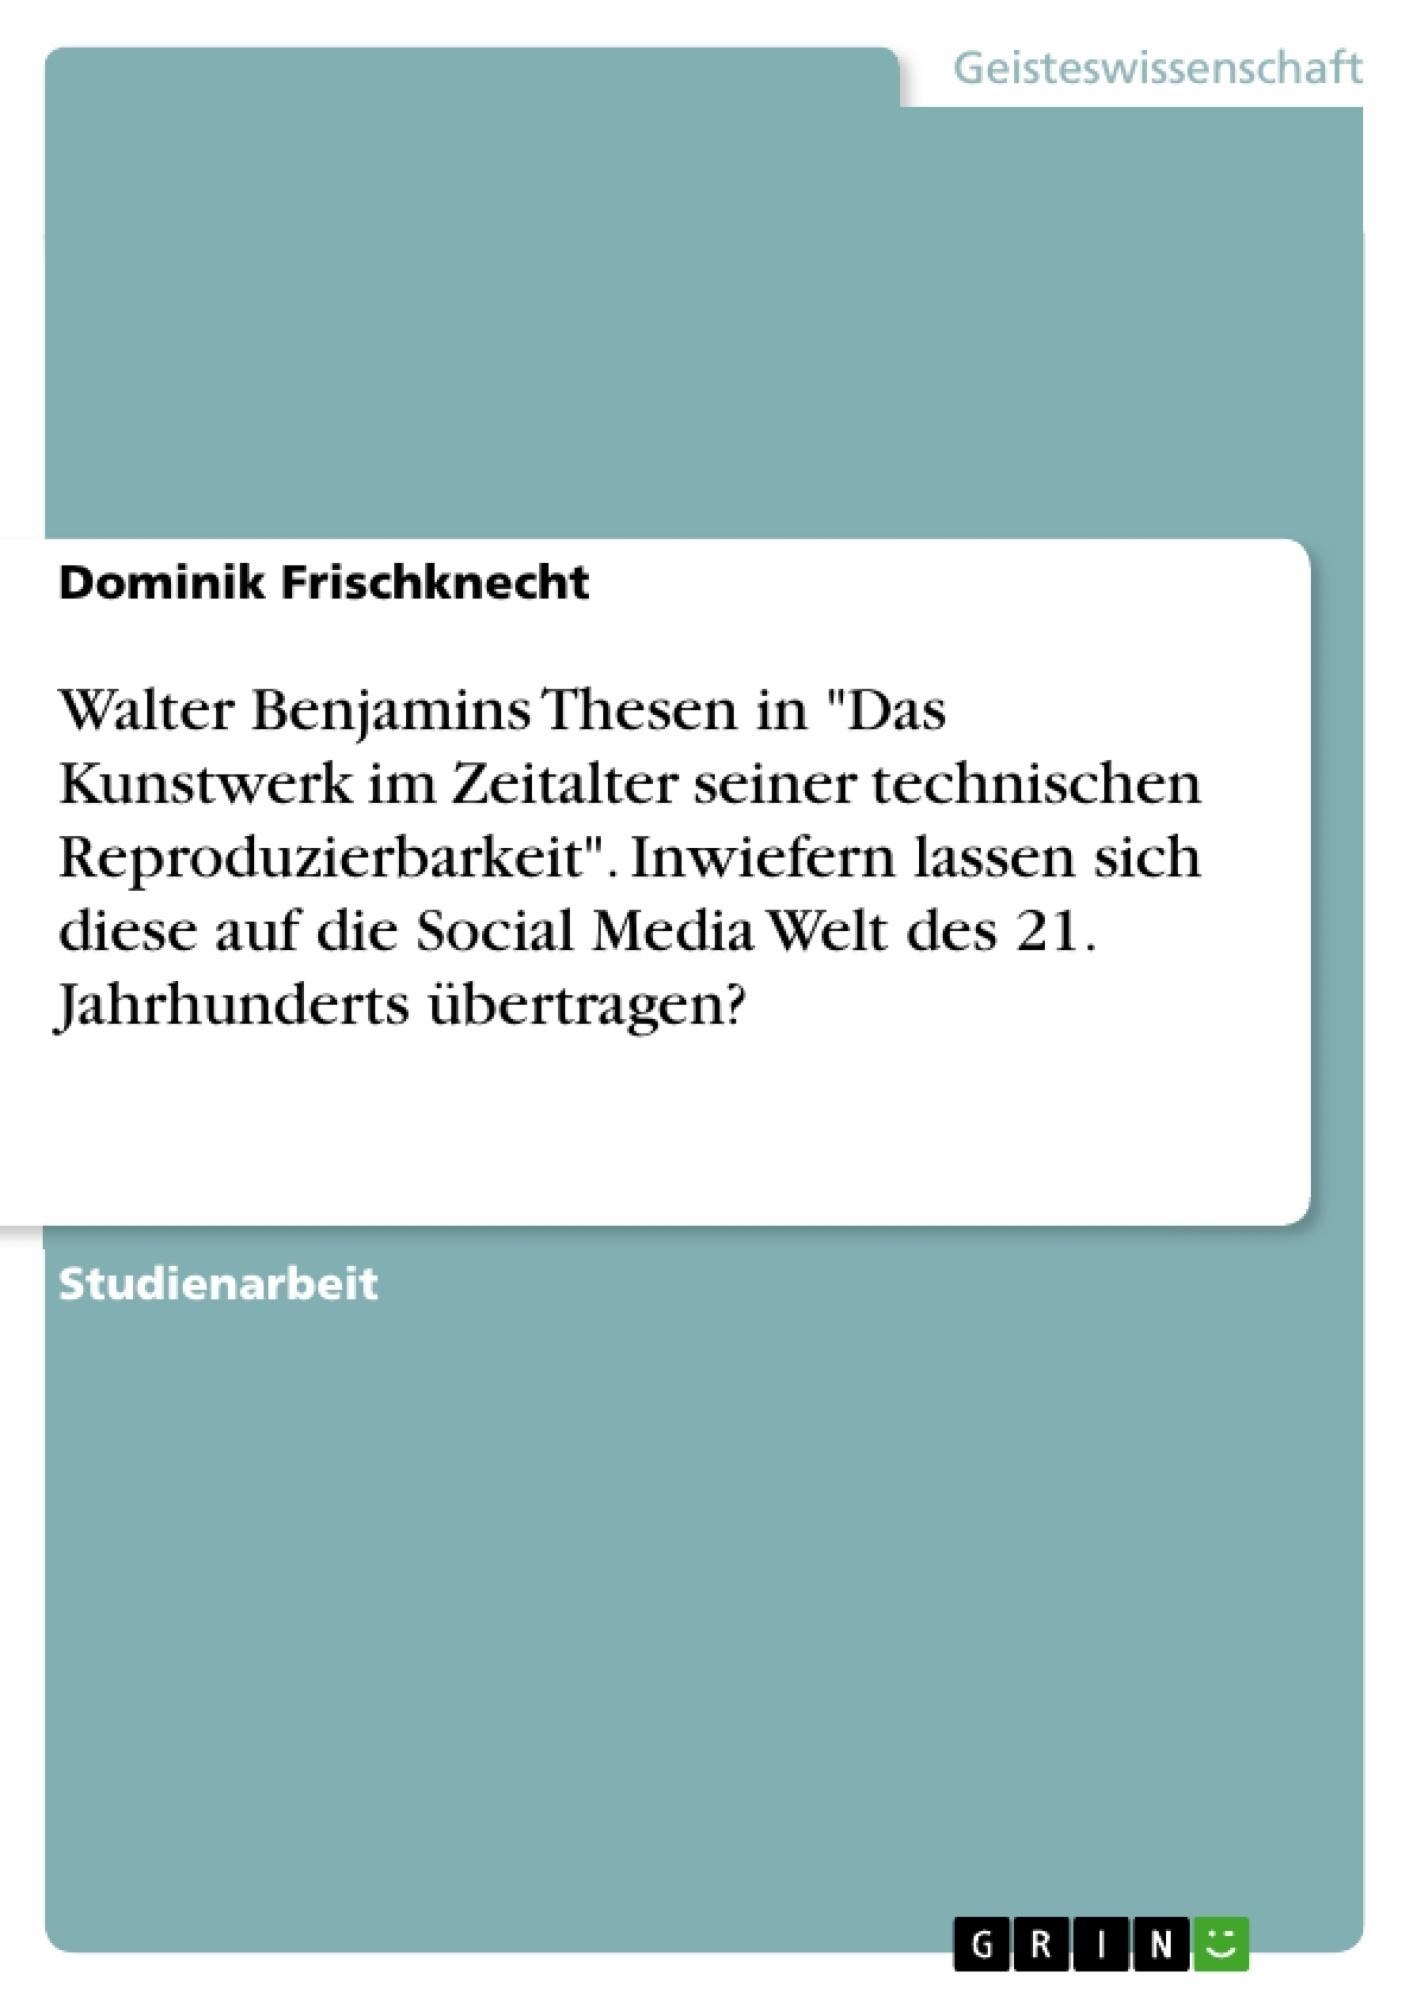 """Titel: Walter Benjamins Thesen in """"Das Kunstwerk im Zeitalter seiner technischen Reproduzierbarkeit"""". Inwiefern lassen sich diese auf die Social Media Welt des 21. Jahrhunderts übertragen?"""